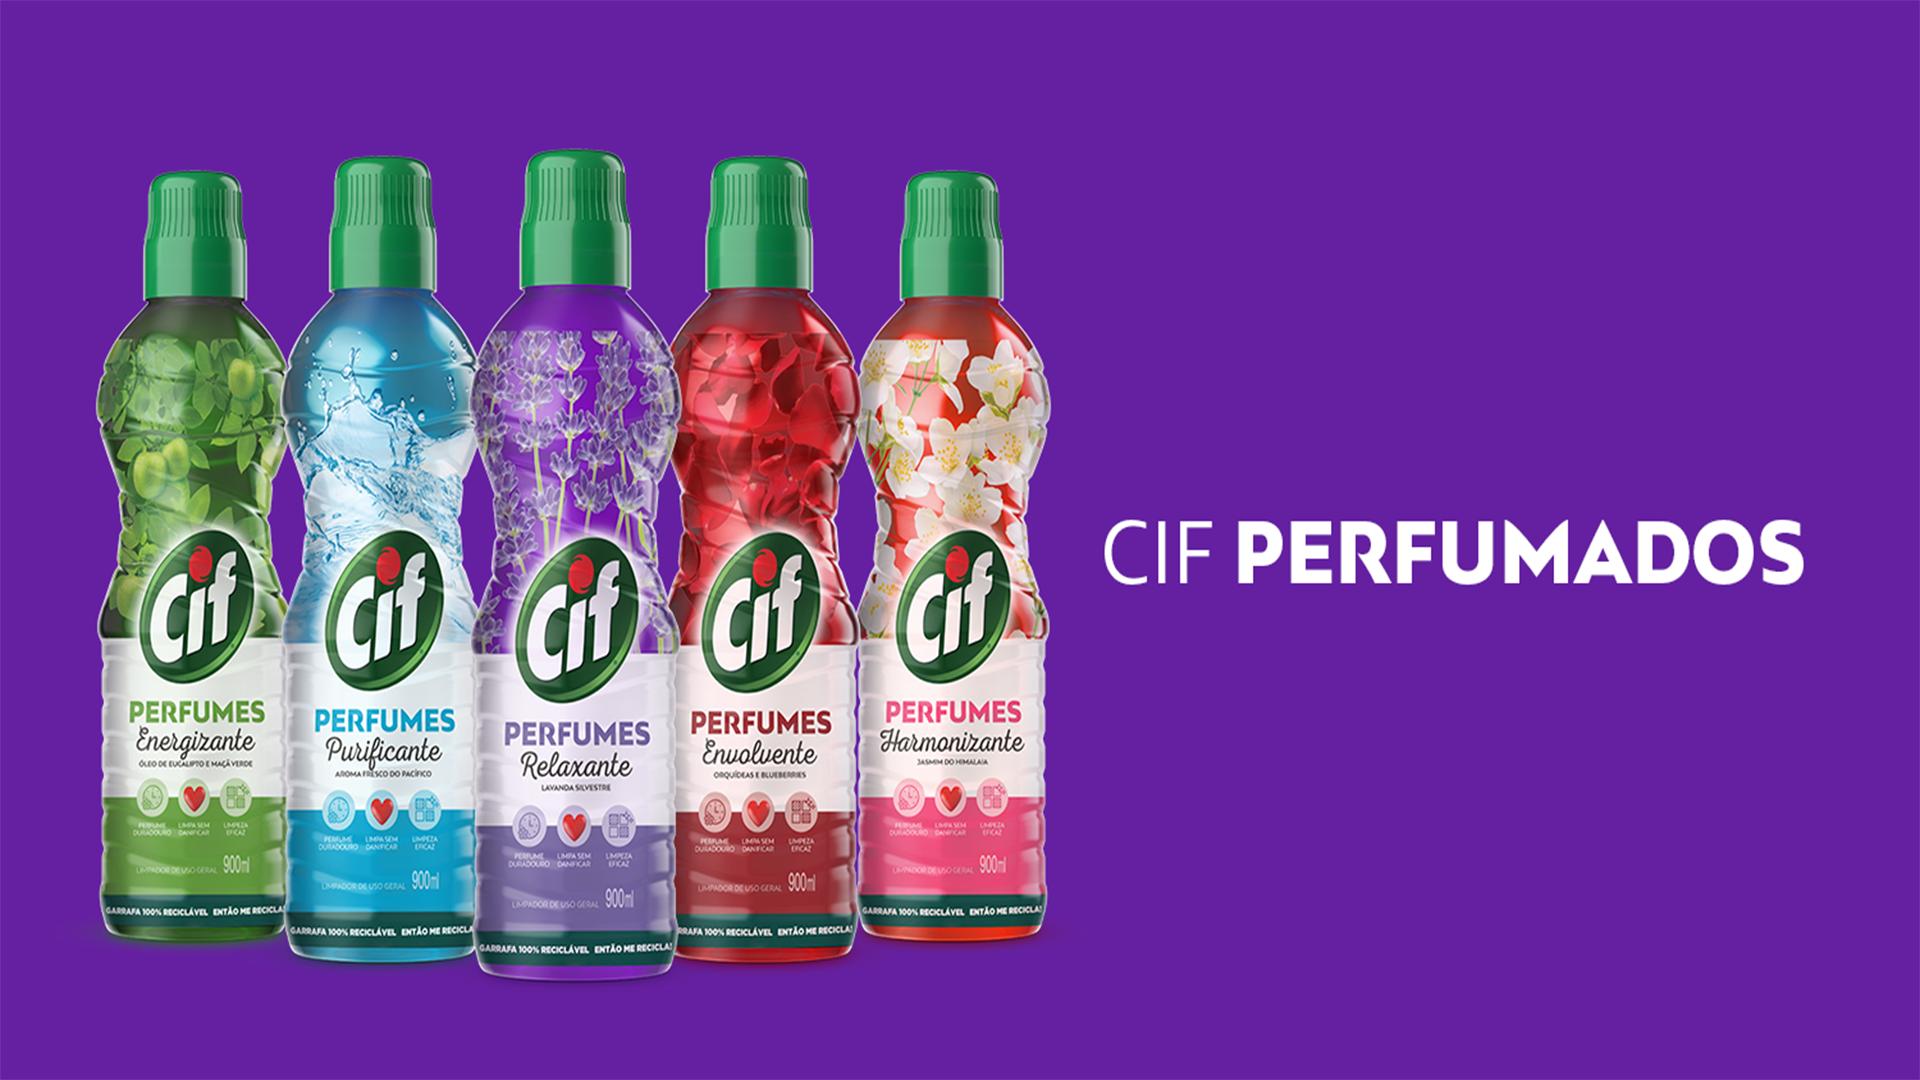 Brazil Cif Perfumados